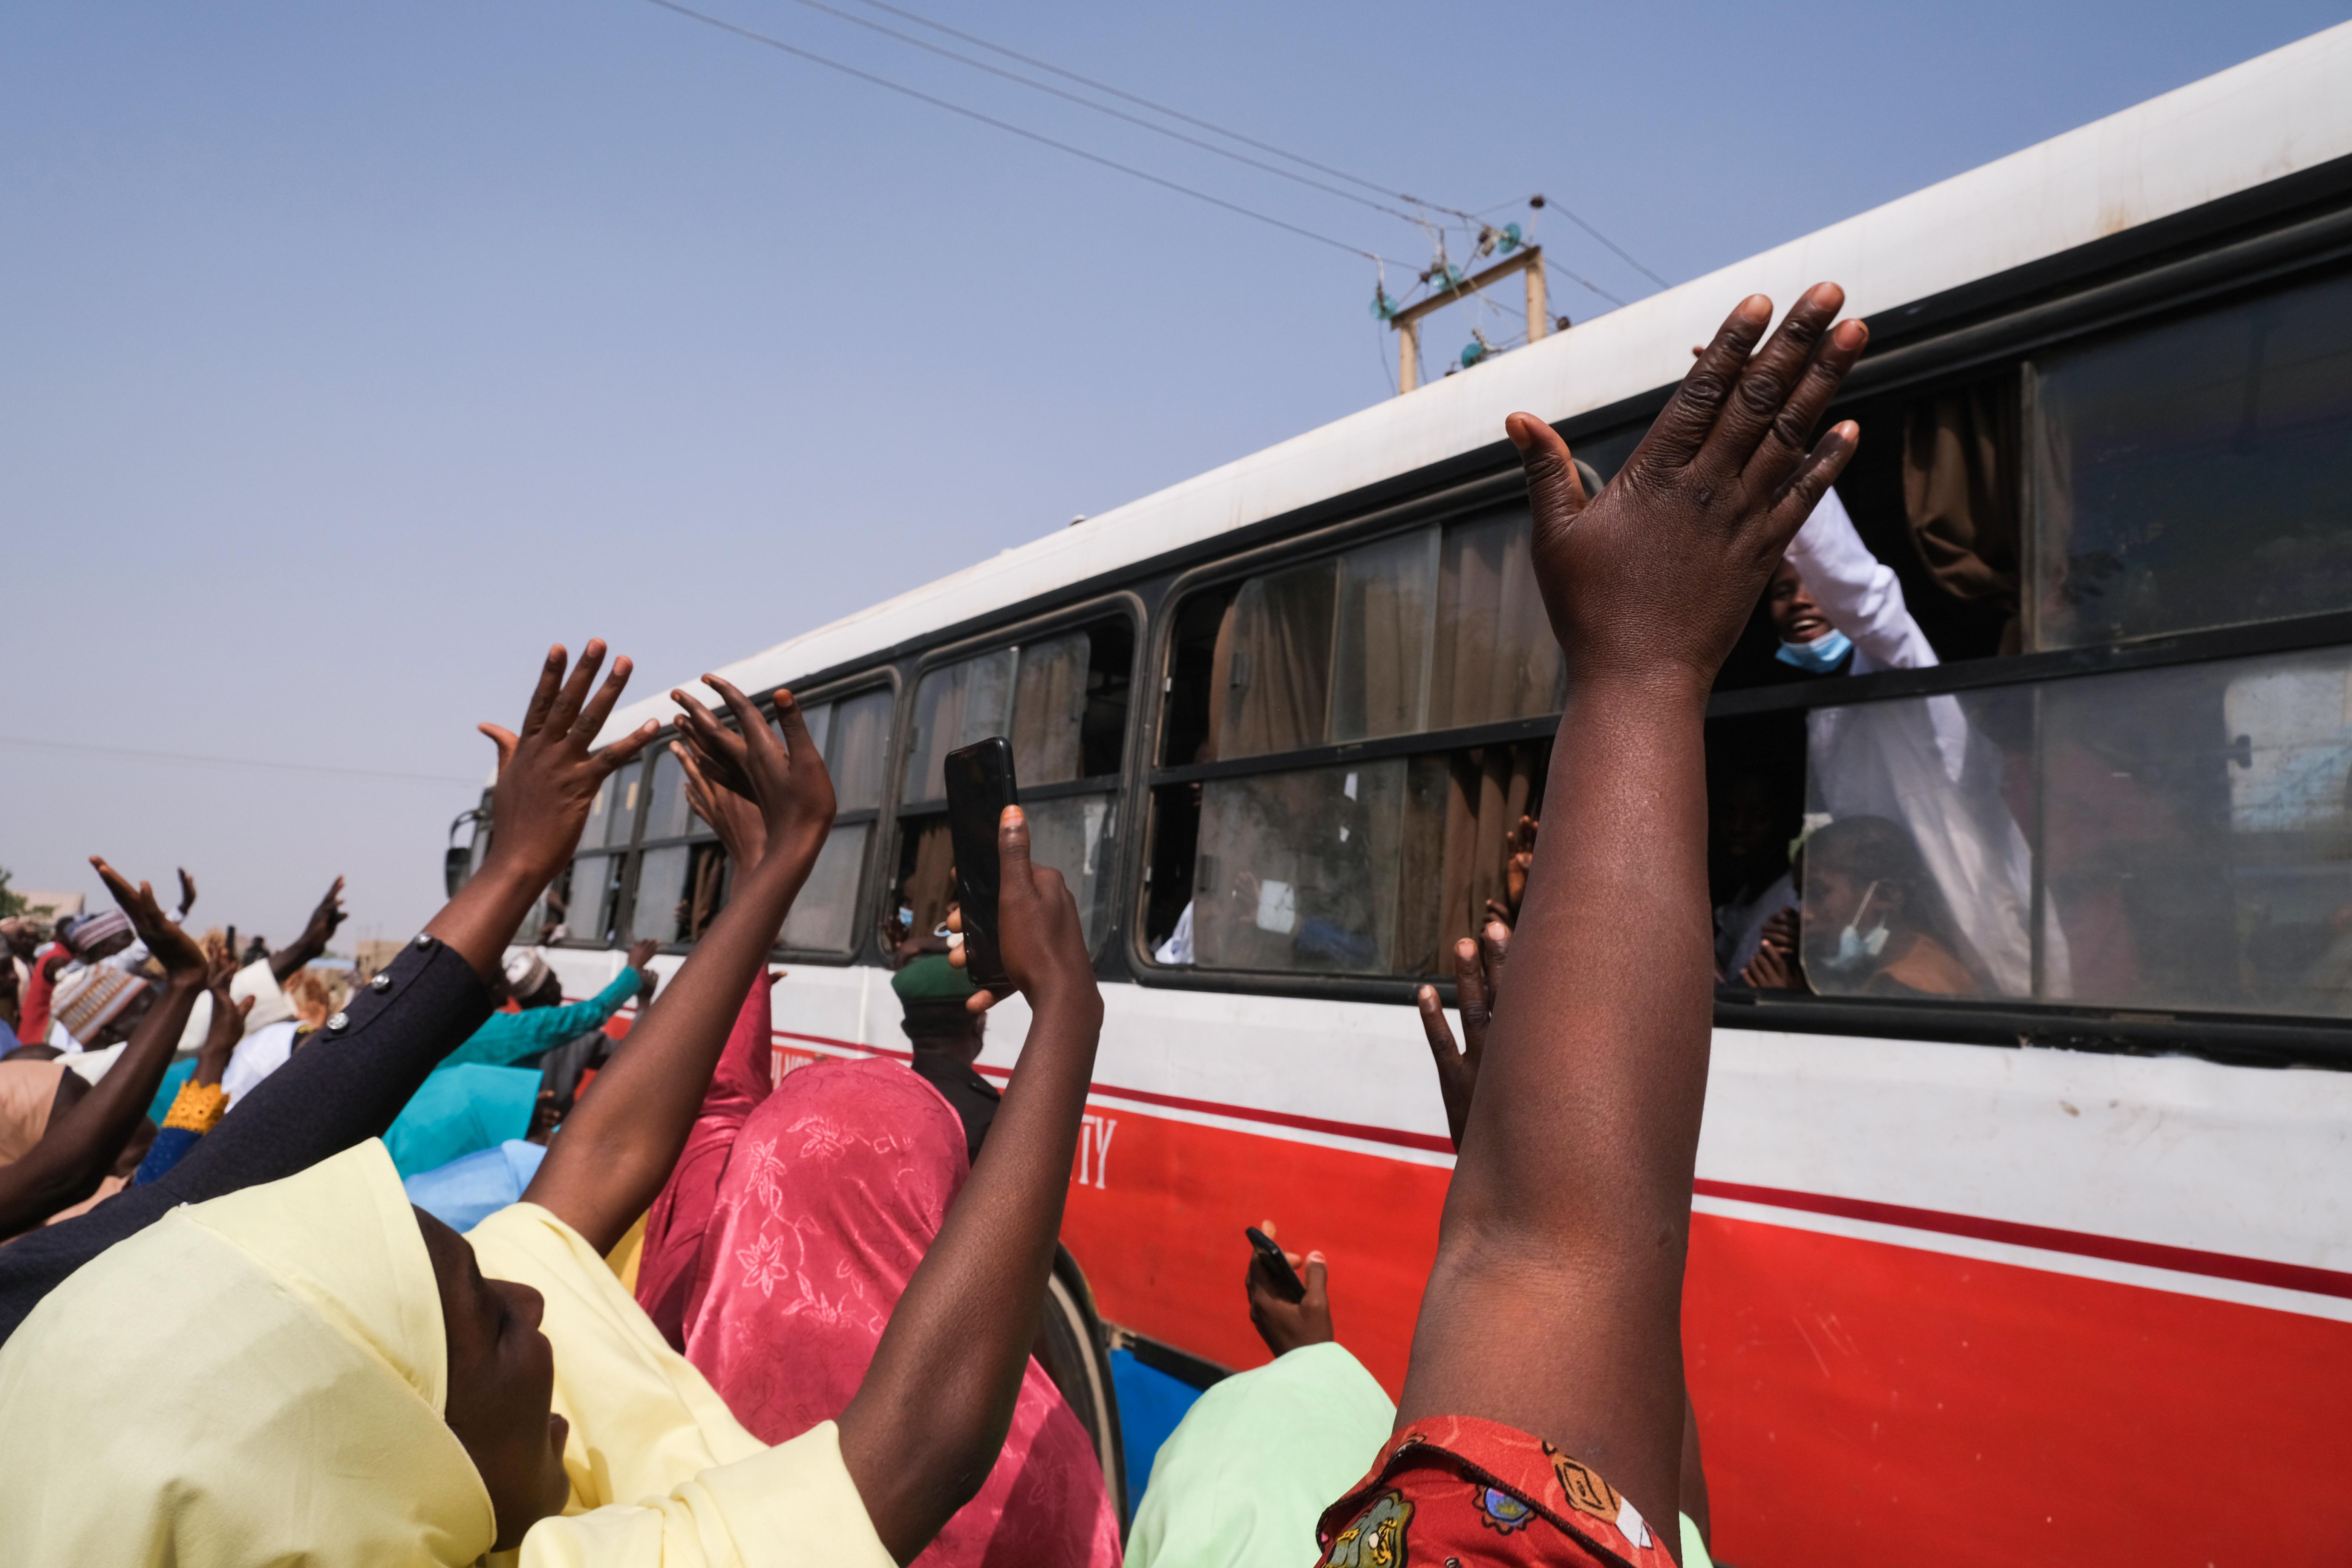 Újabb 80 gyereket raboltak el Nigériában, a rendőrség tűzharccal szabadította ki a foglyokat